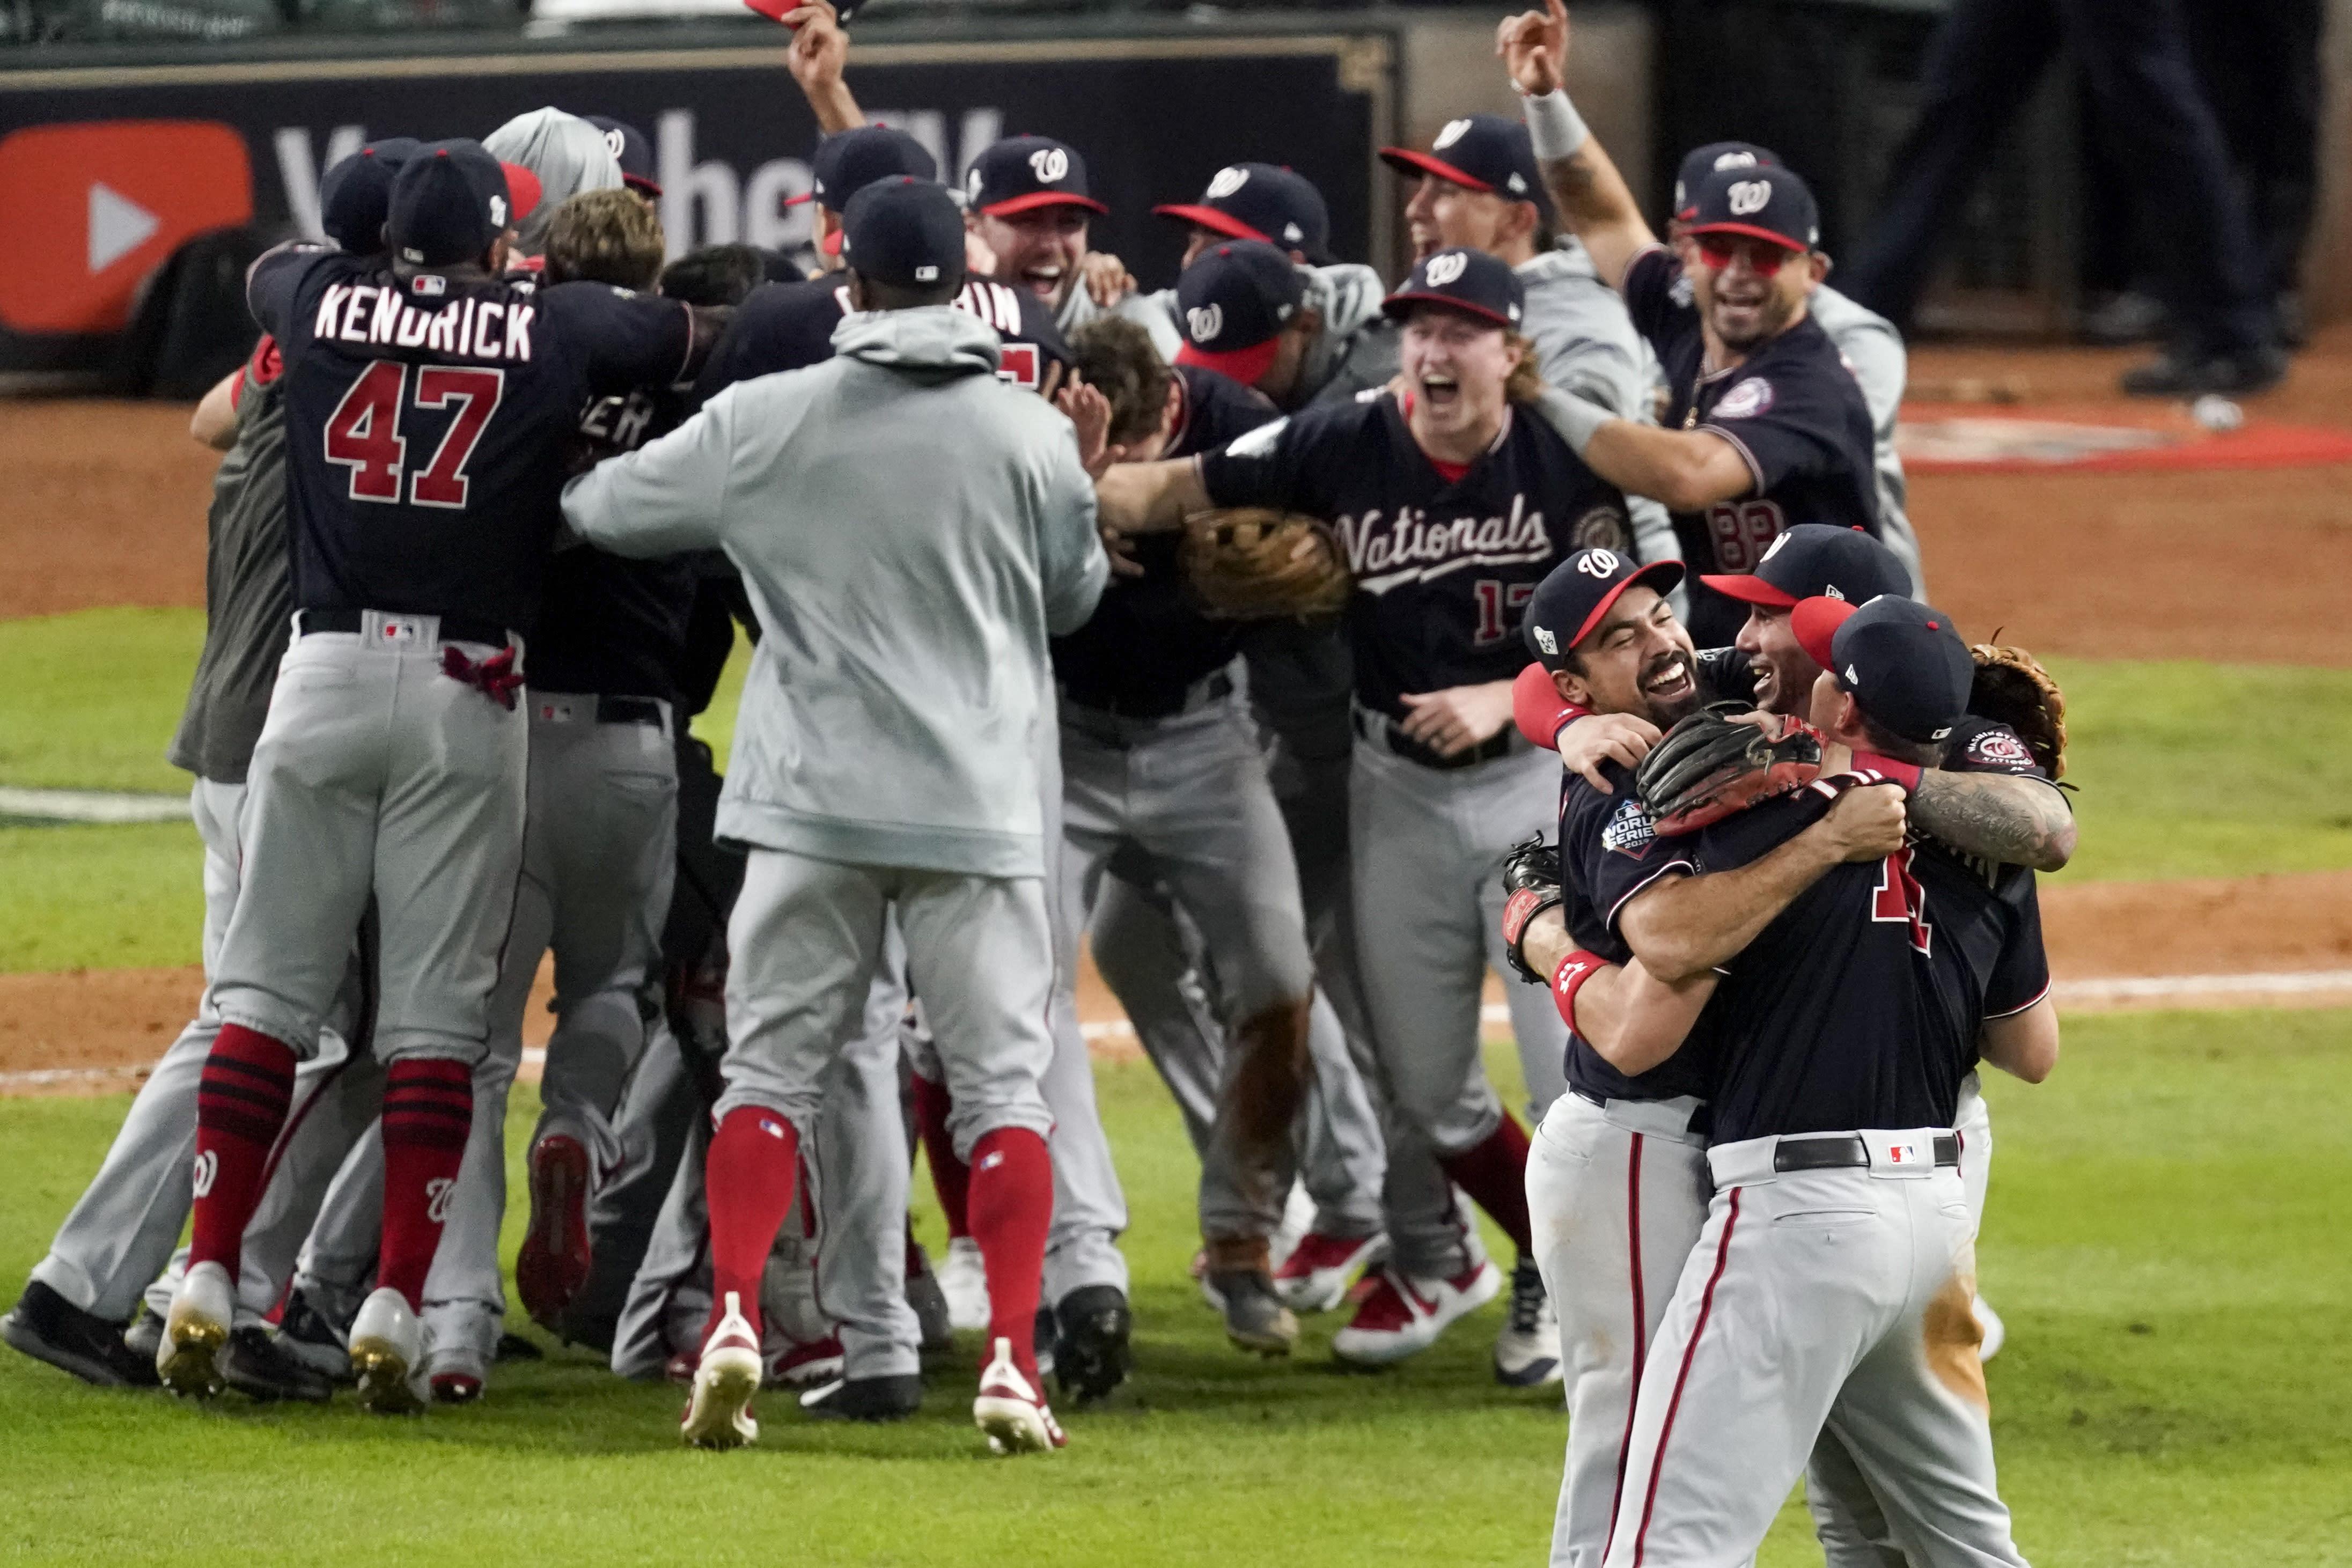 各職棒聯盟年度冠軍出爐,哪一個聯盟的冠軍賽讓你最驚奇?